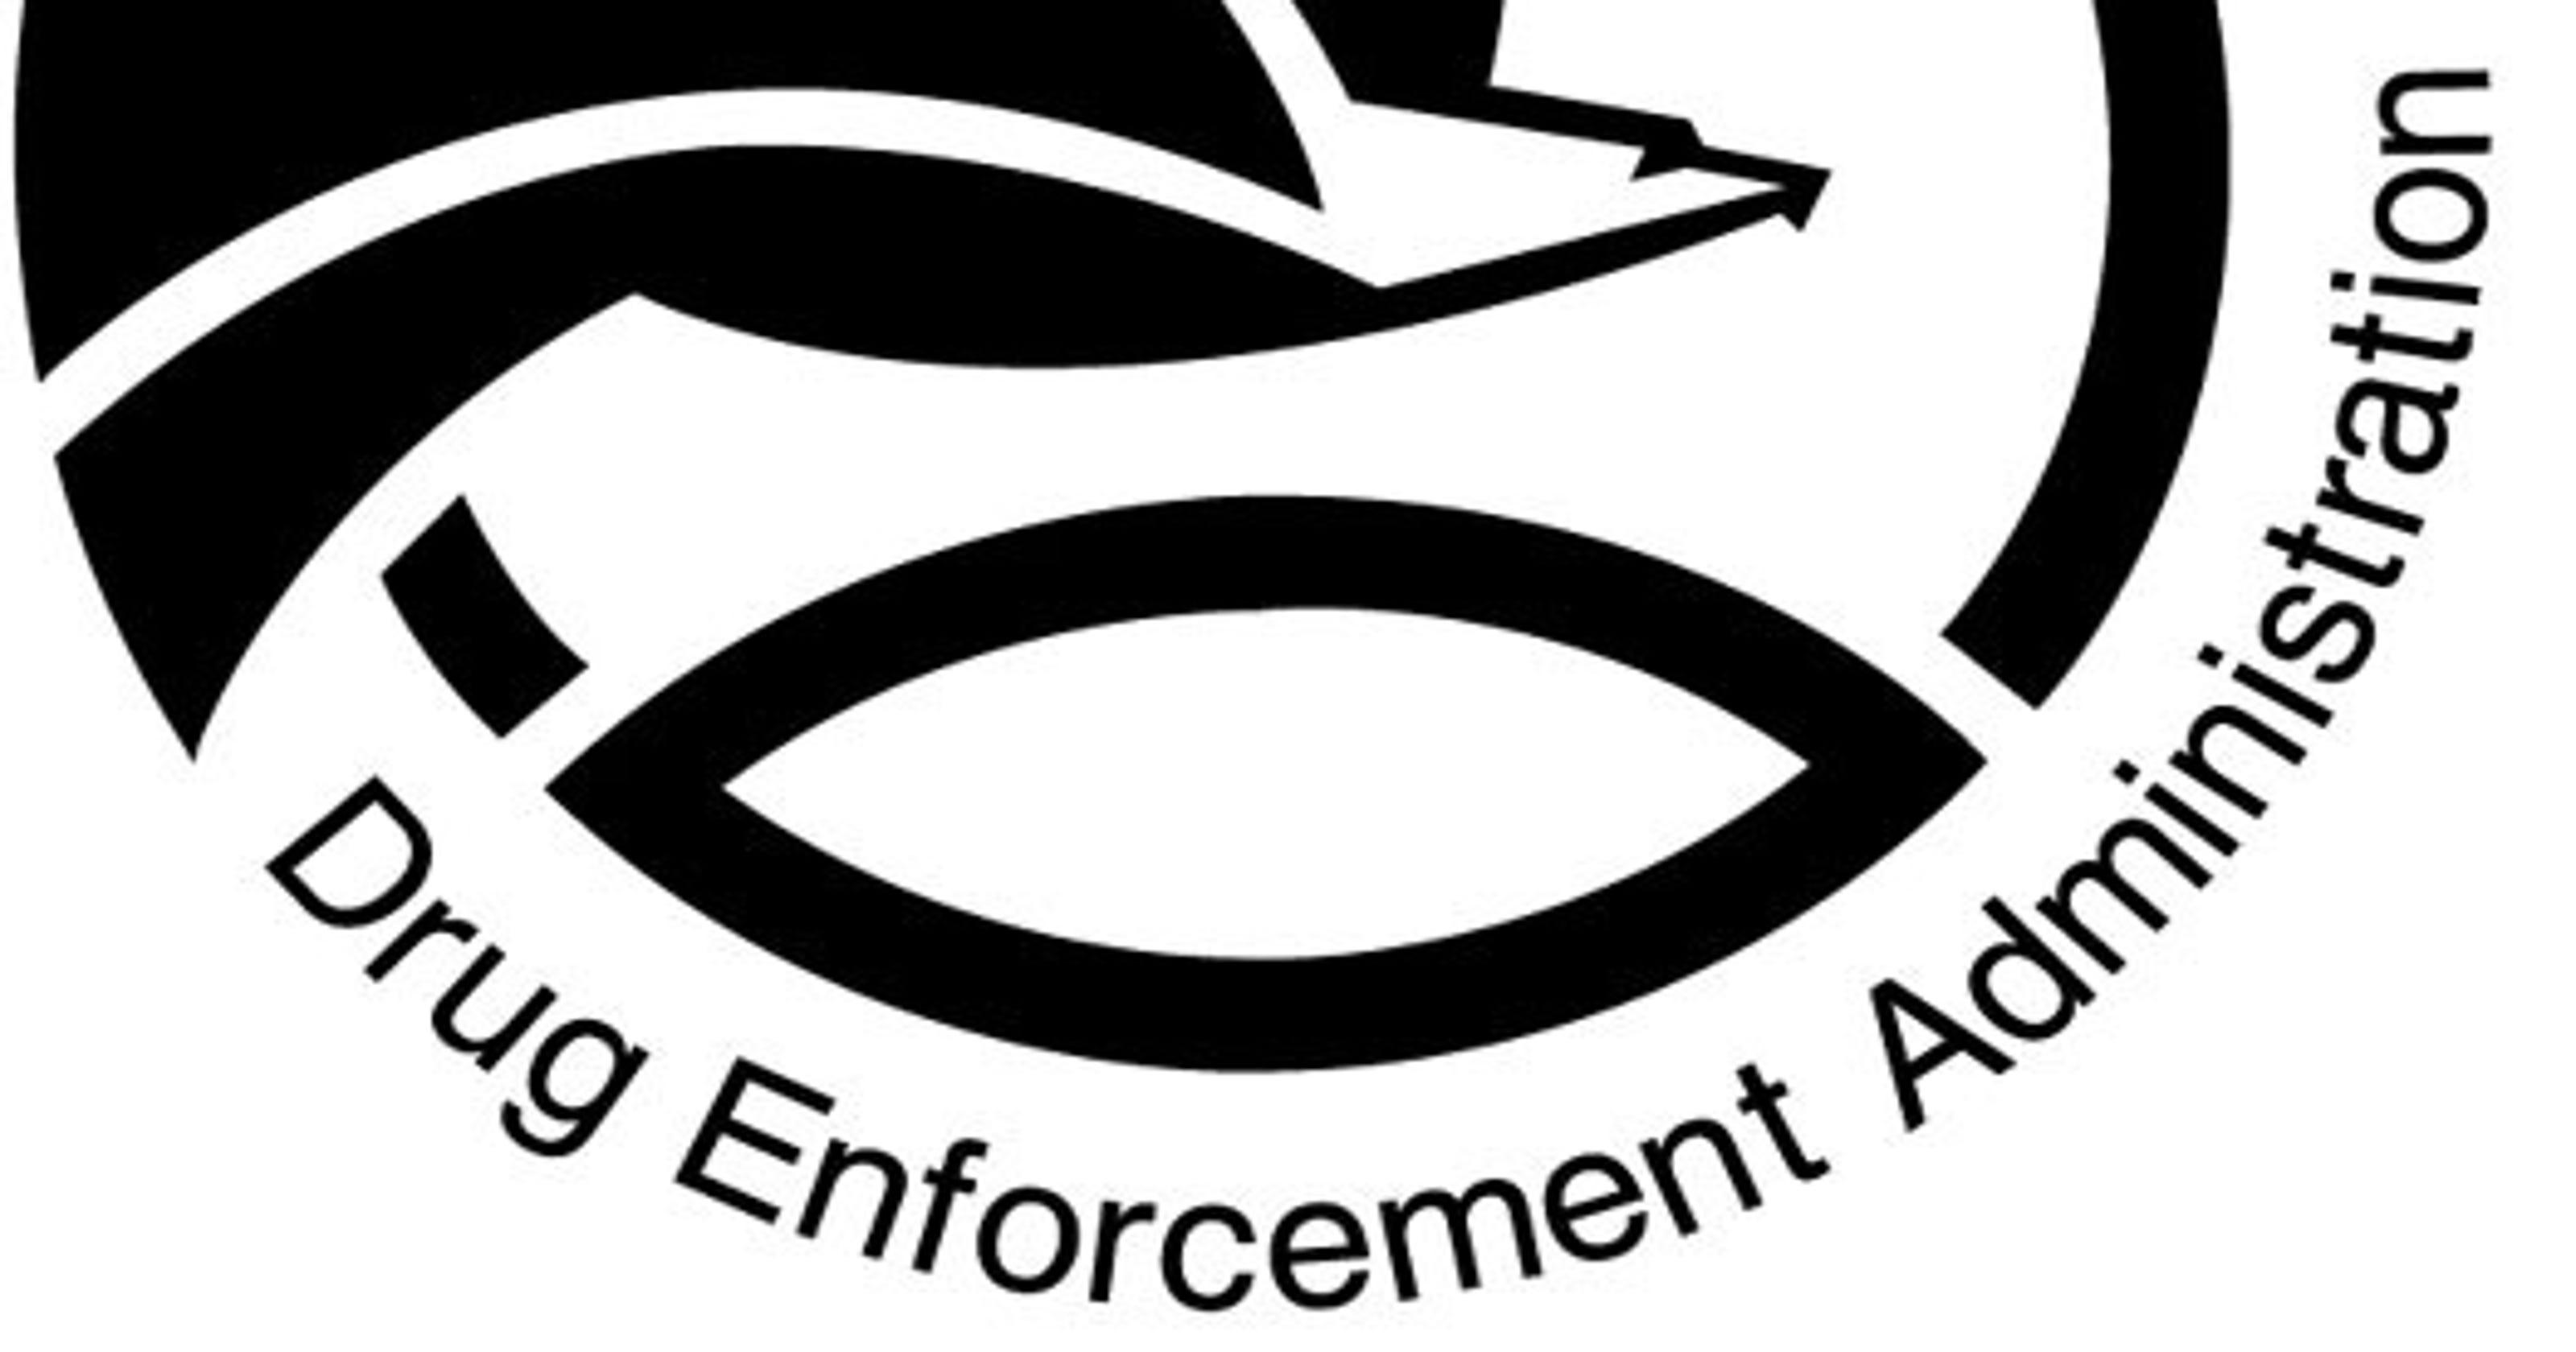 DEA must end its informant program now